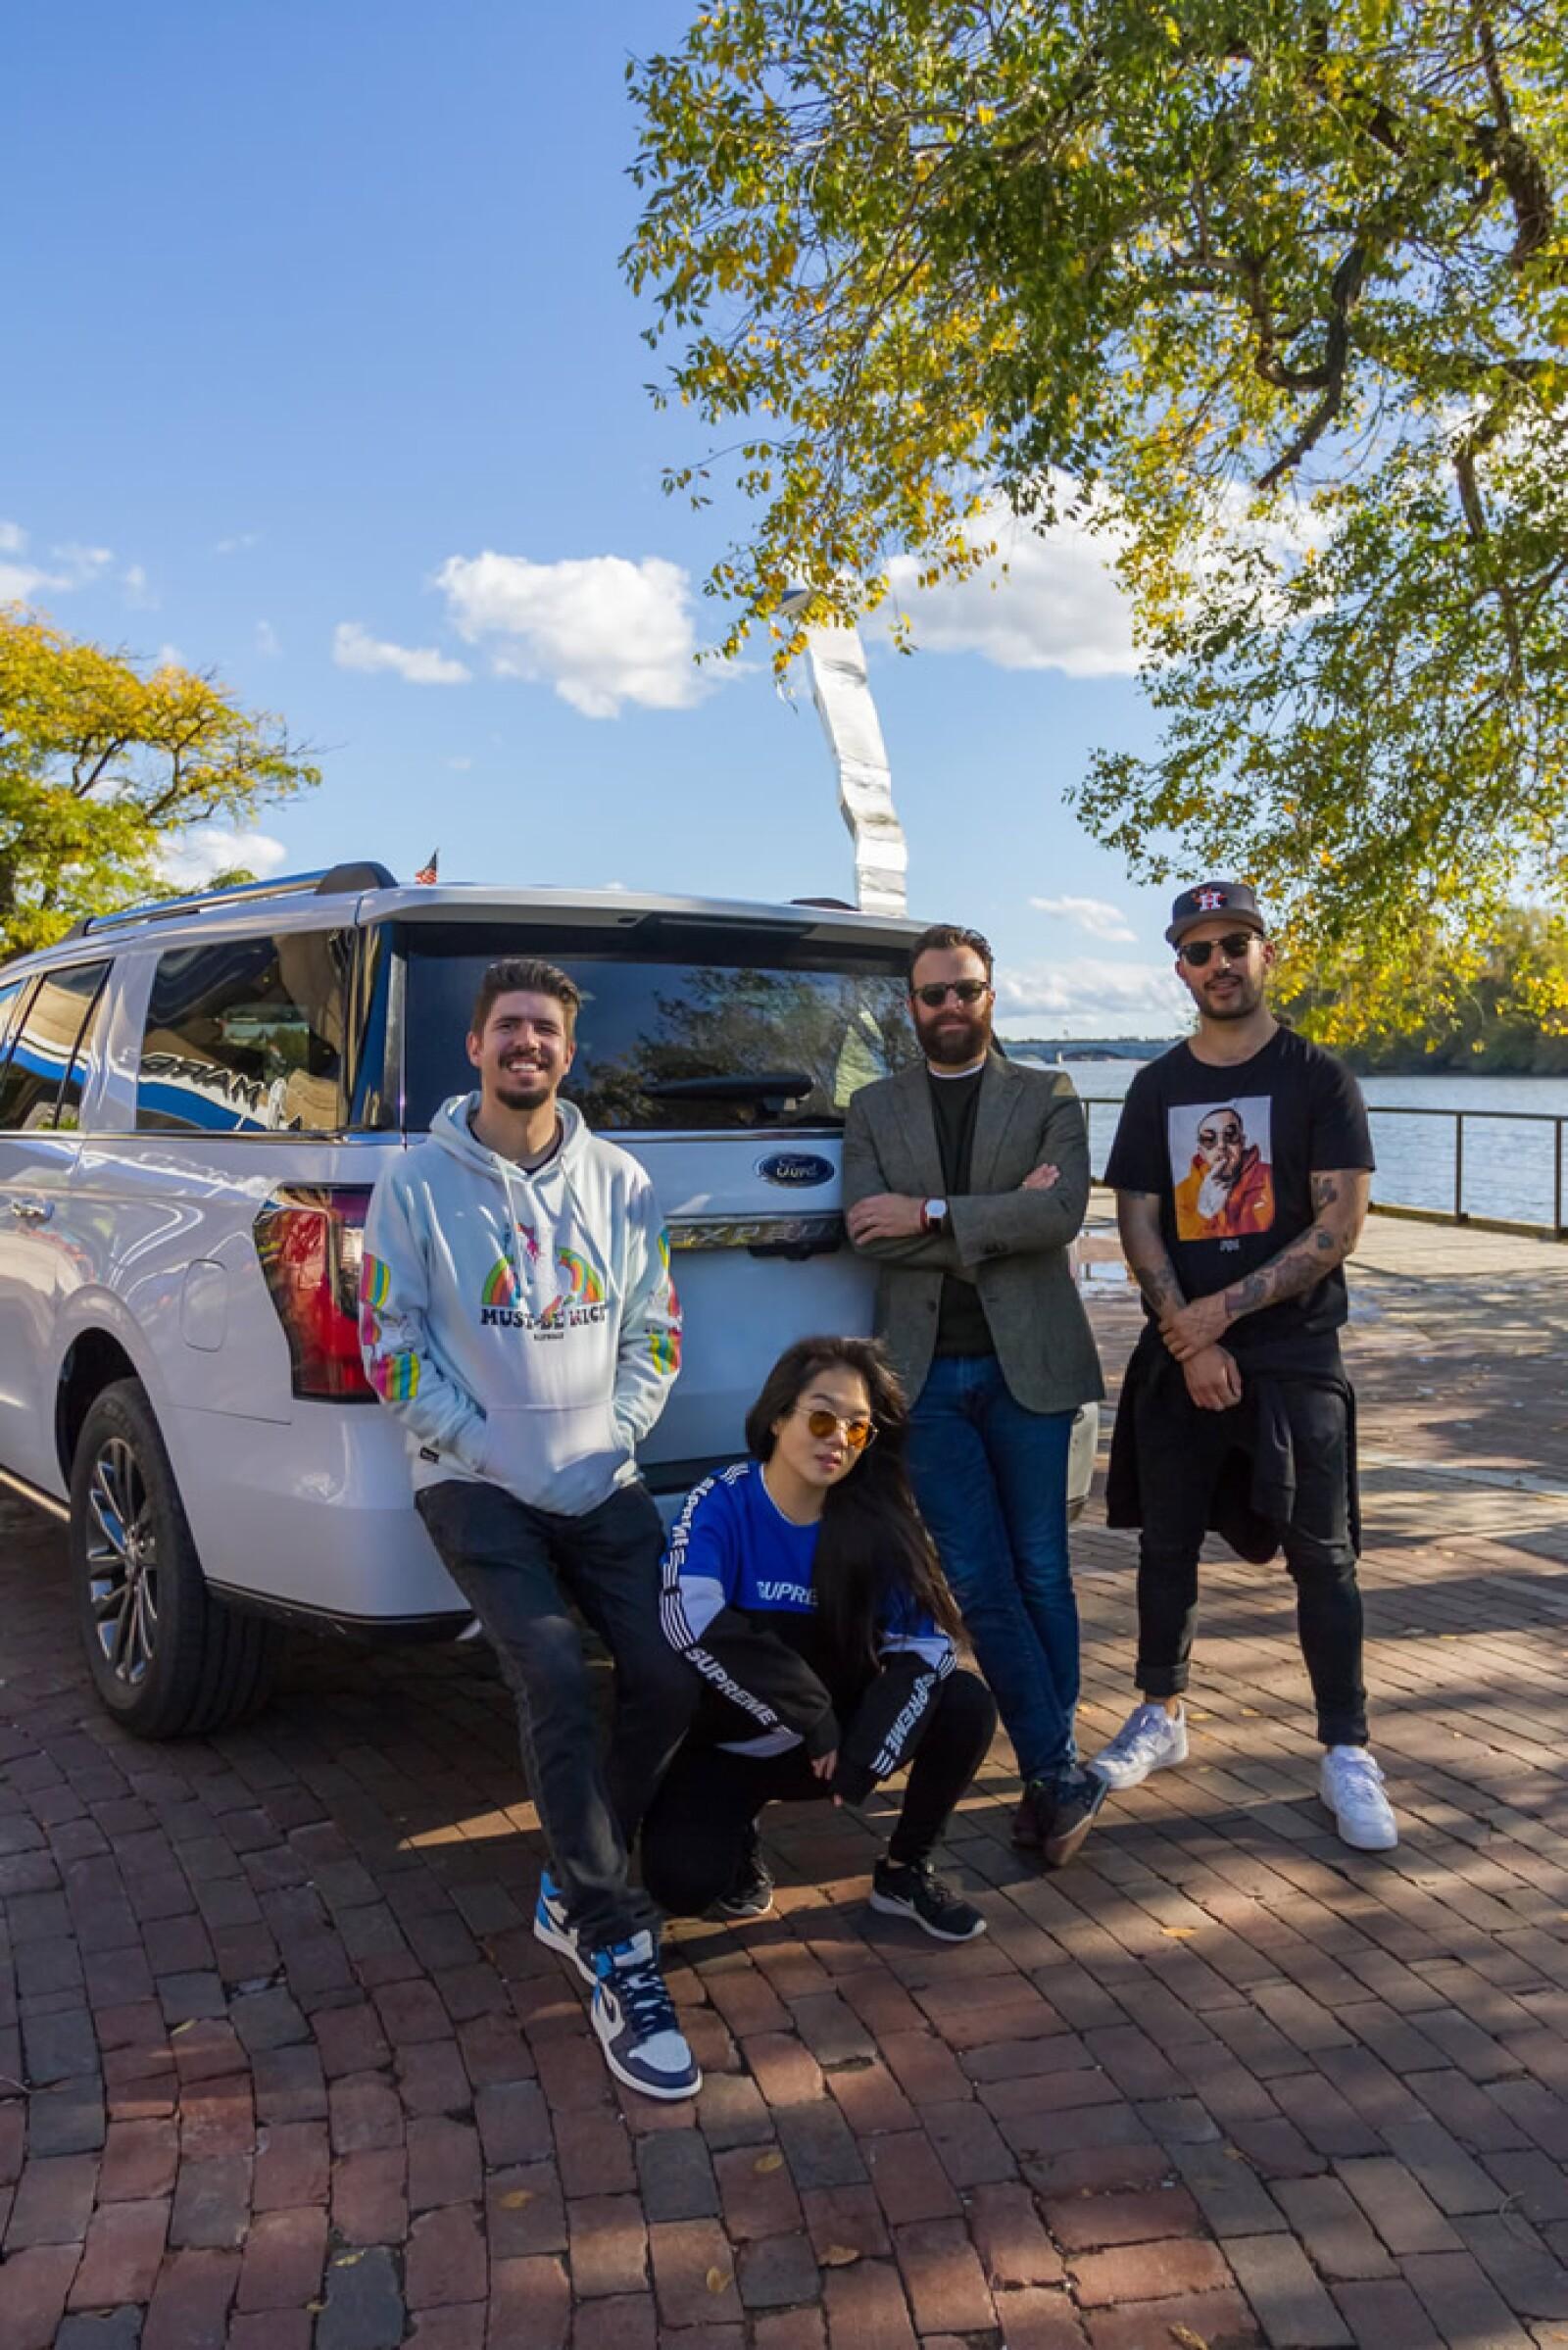 Llegamos a Washington donde una Ford Expedition ya nos esperaba para comenzar nuestra aventura.